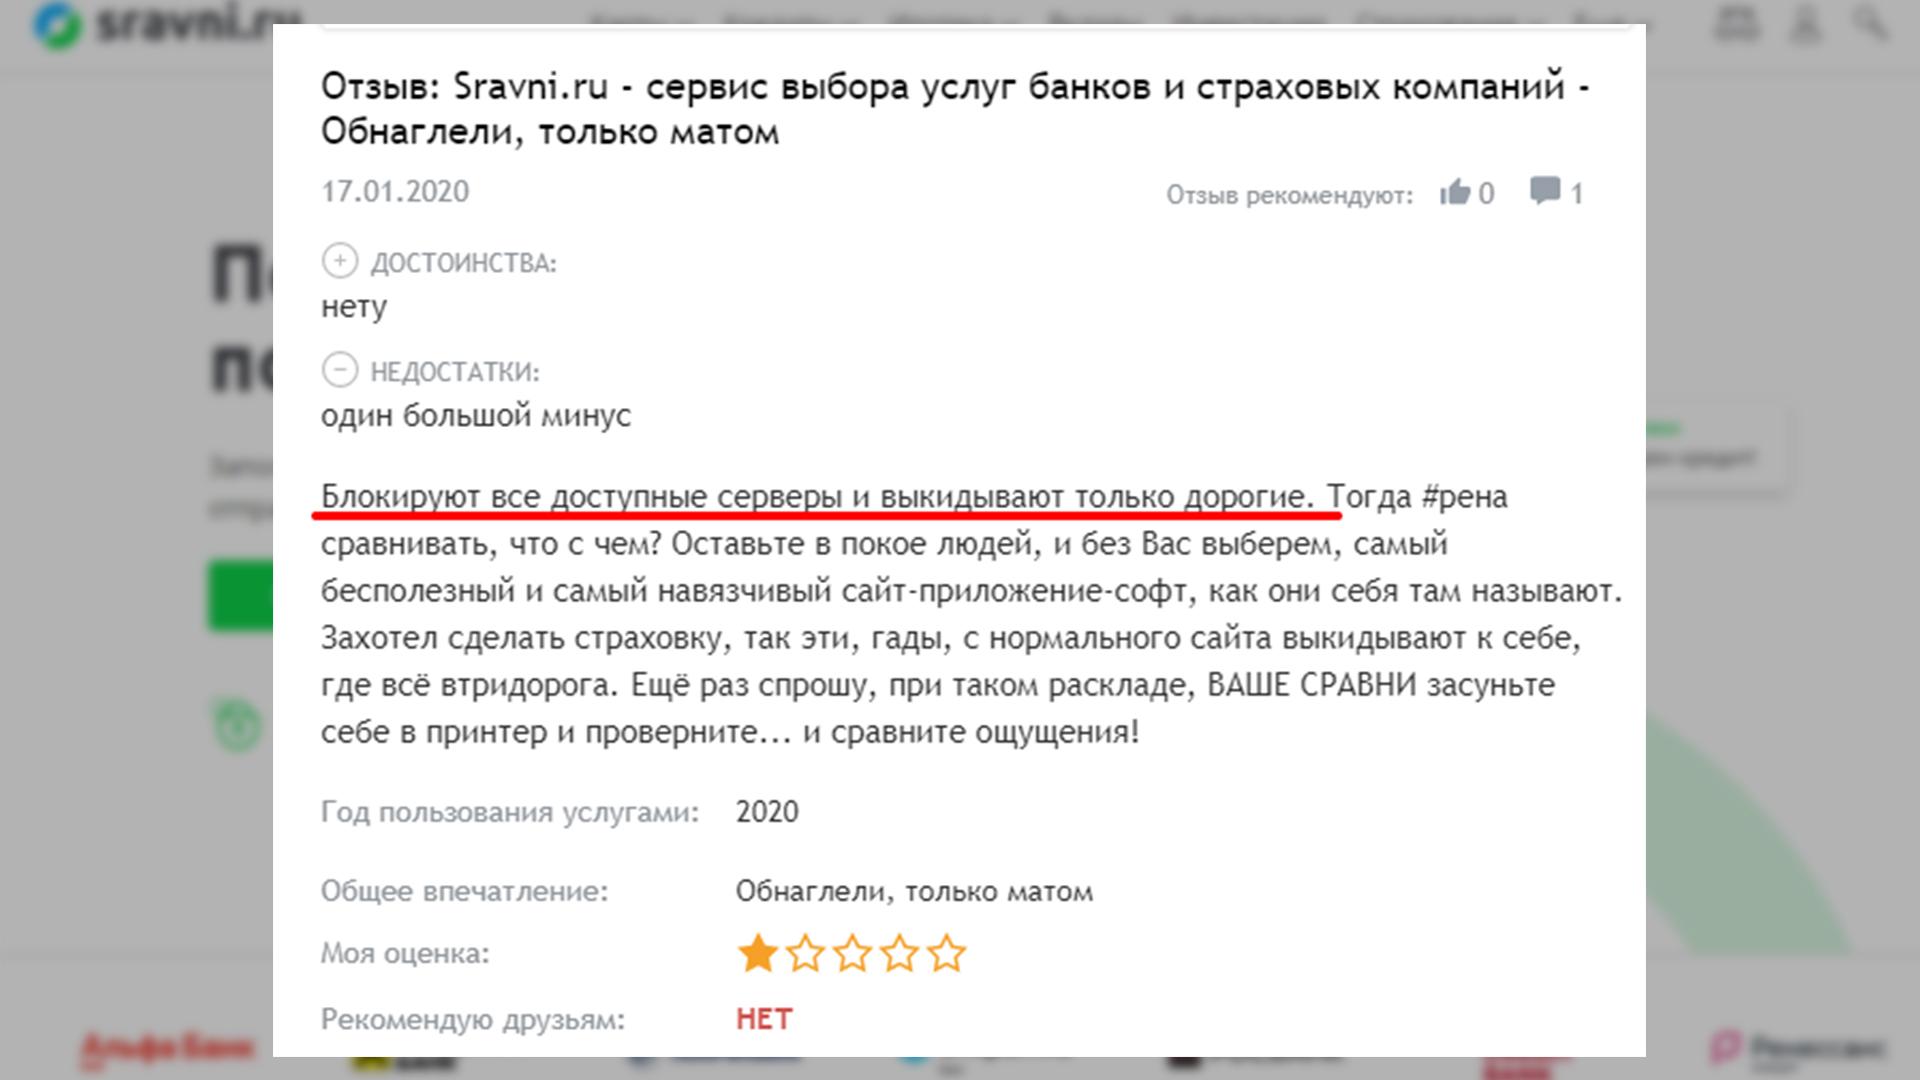 Скриншот негативного отзыва о покупке страховки через Сравни.ру.